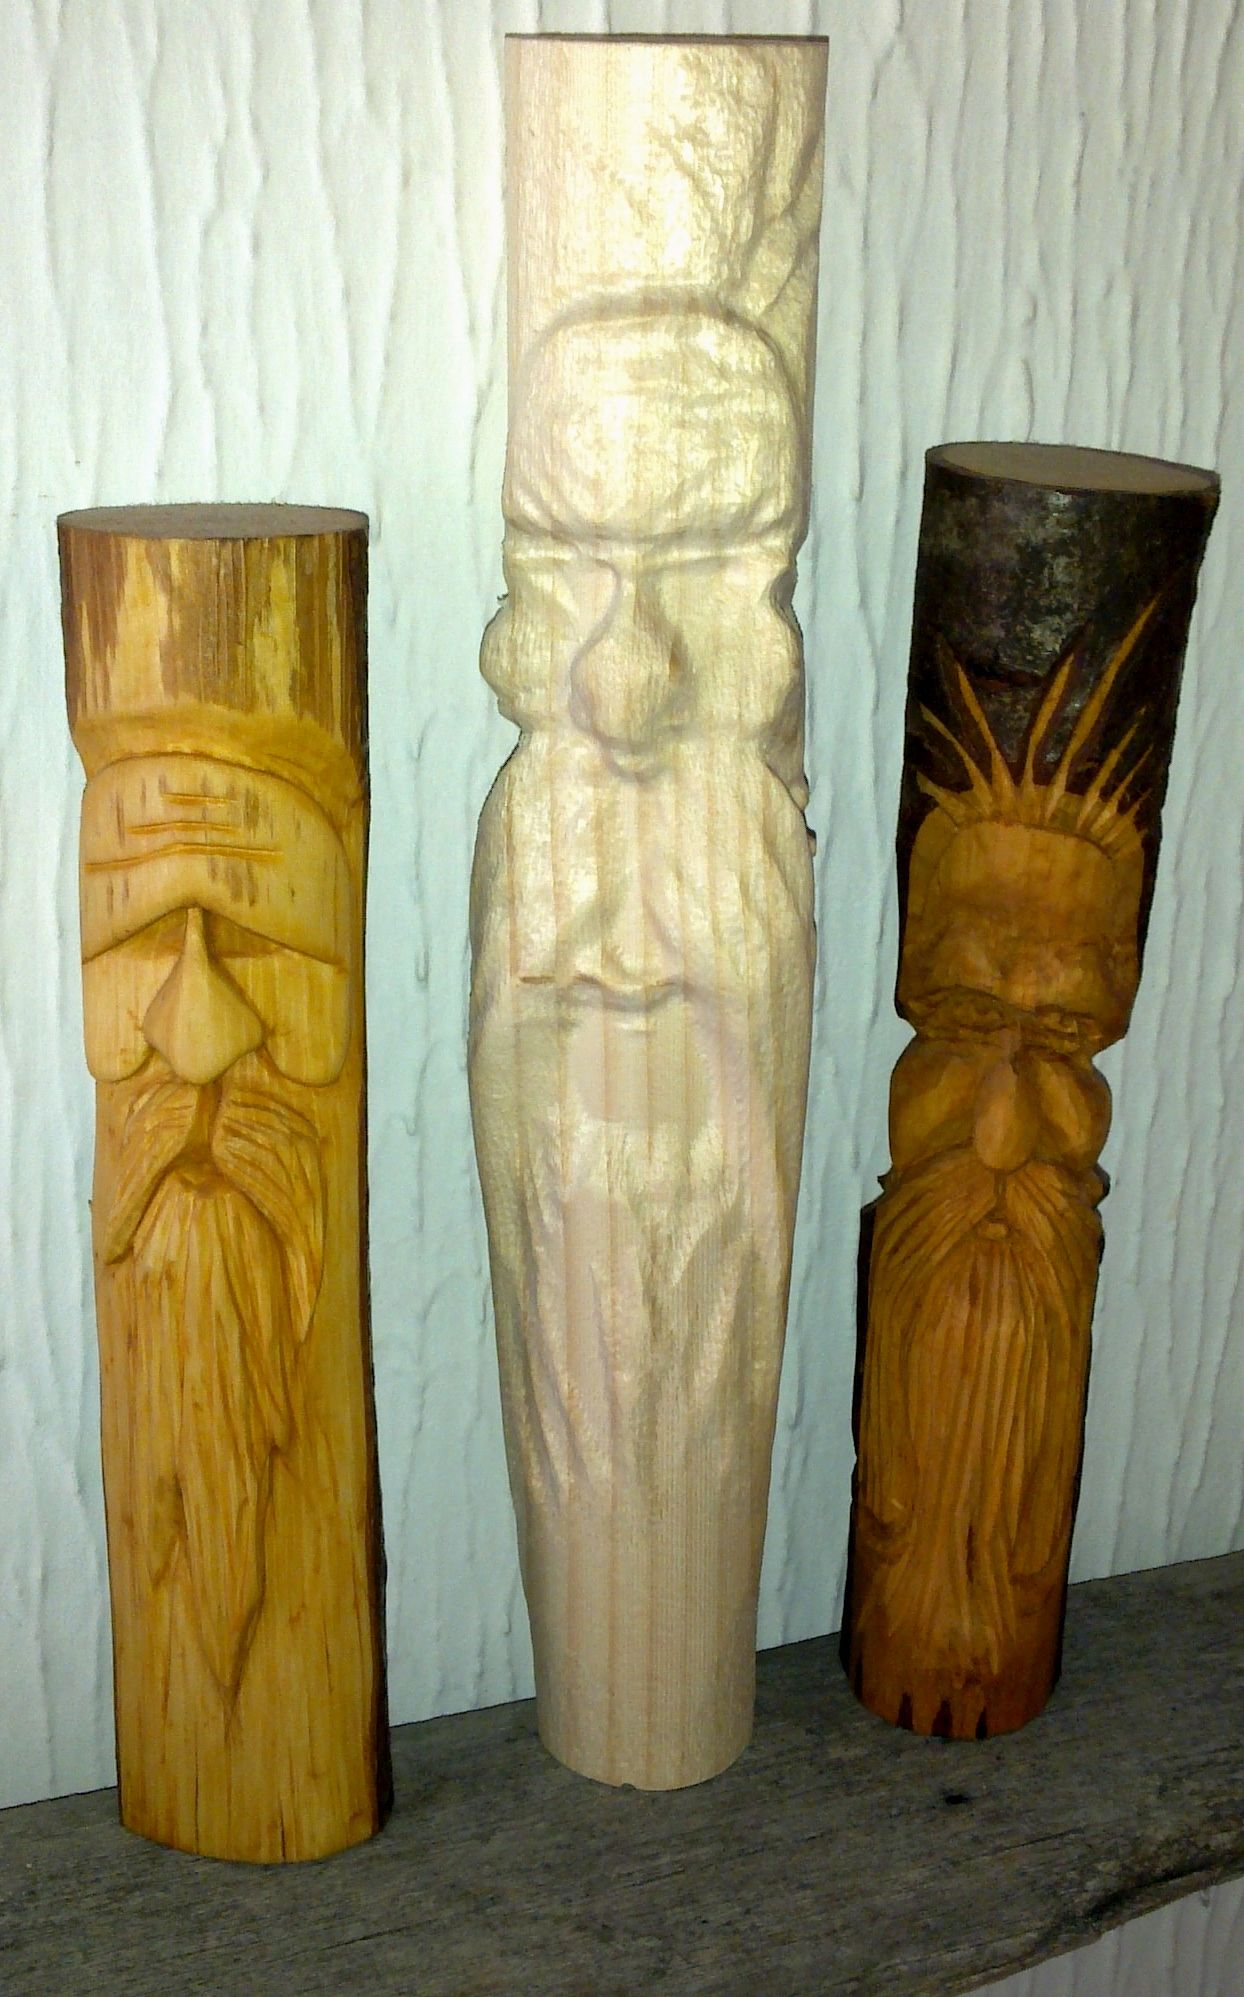 Practice wood spirit carvings